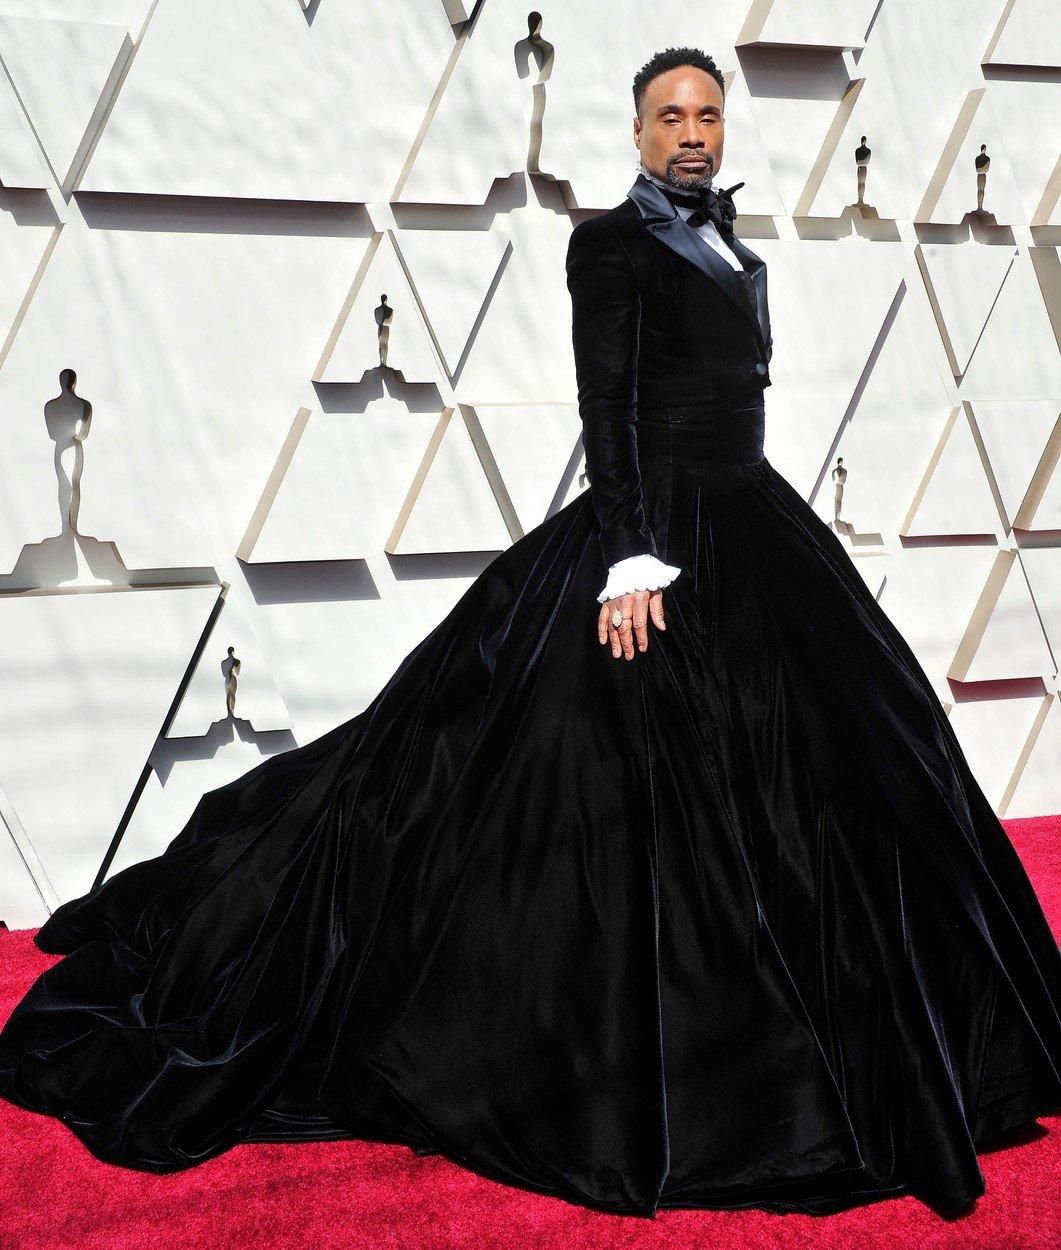 17. kép: Billy Porter a férfiak vöröszőnyegen viselt szettjeit forgatta fel fenekestül ebben a Christian Siriano darabban az idei Academy Awards-on